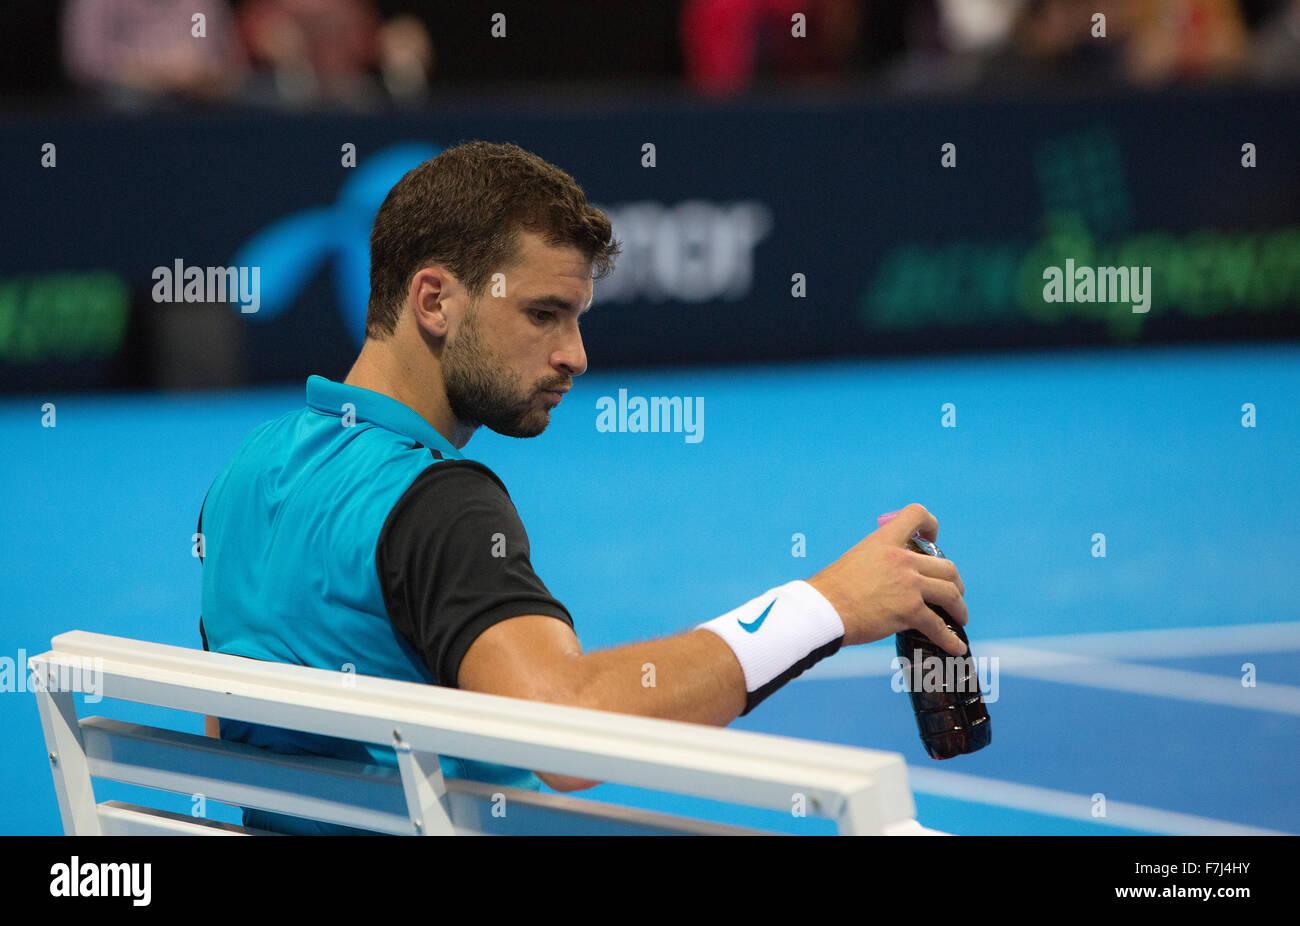 Sofia, Bulgaria - November 28, 2015: Sofia, Bulgaria - Grigor Dimitrov defeated Monfils in a demonstrative match - Stock Image